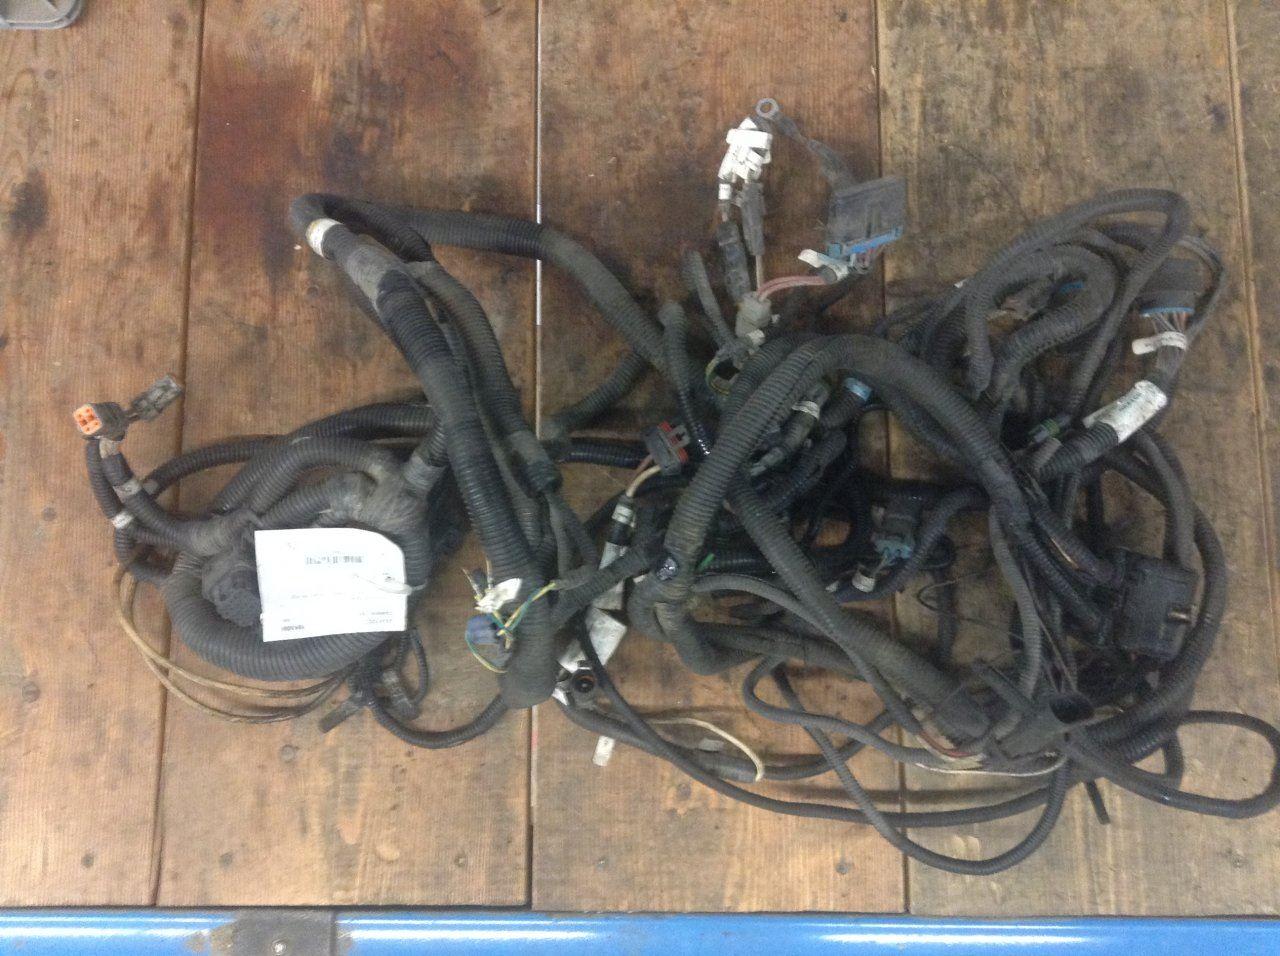 [SCHEMATICS_4NL]  2010 KENWORTH T660 (Stock #24341002) | Wiring Harnesses (Cab and Dash) | TPI | Kenworth T660 Dash Wiring Harness |  | Truck Parts Inventory